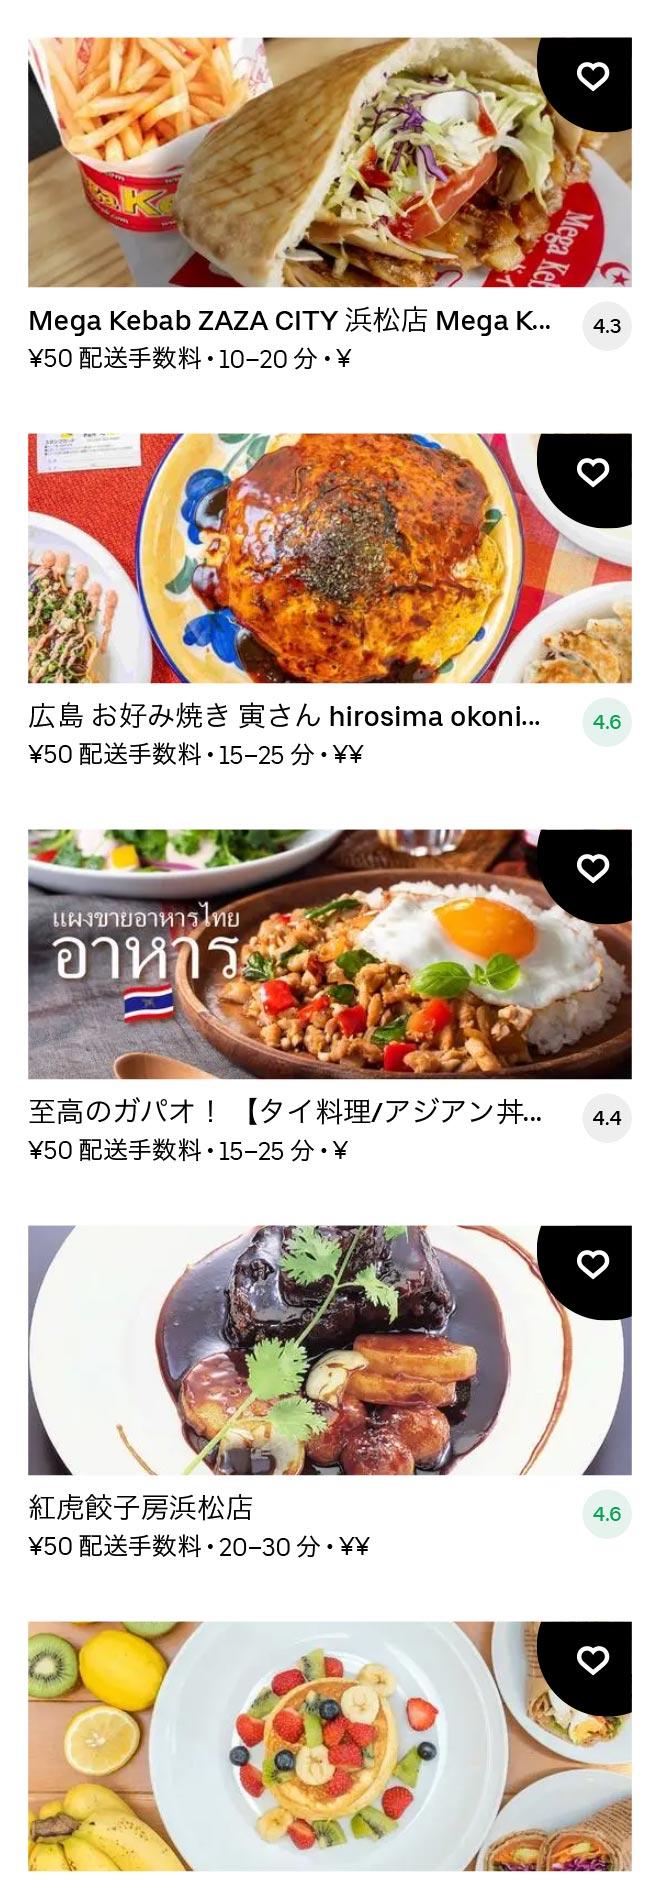 Hamamatsu menu 2011 03